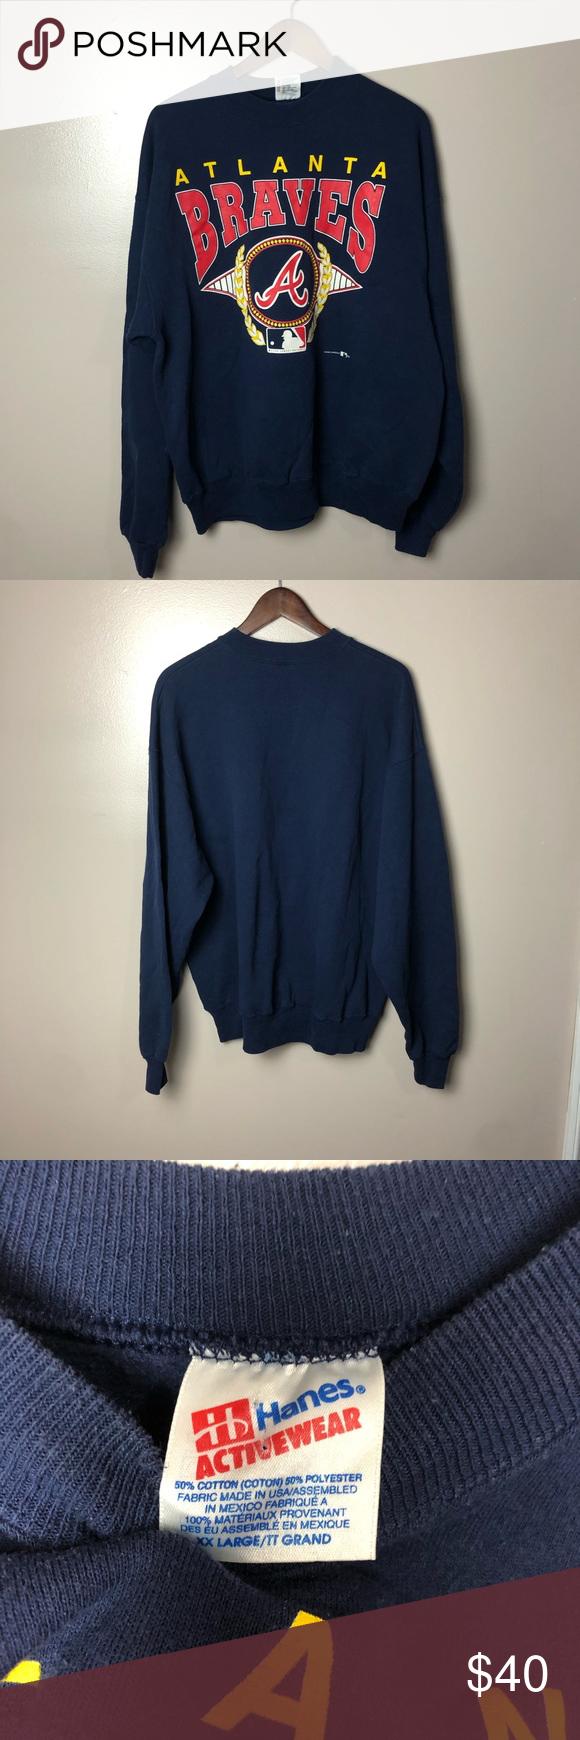 Vintage 1993 Atlanta Braves Baseball Sweatshirt In 2020 Baseball Sweatshirts Sweatshirts Atlanta Braves Baseball